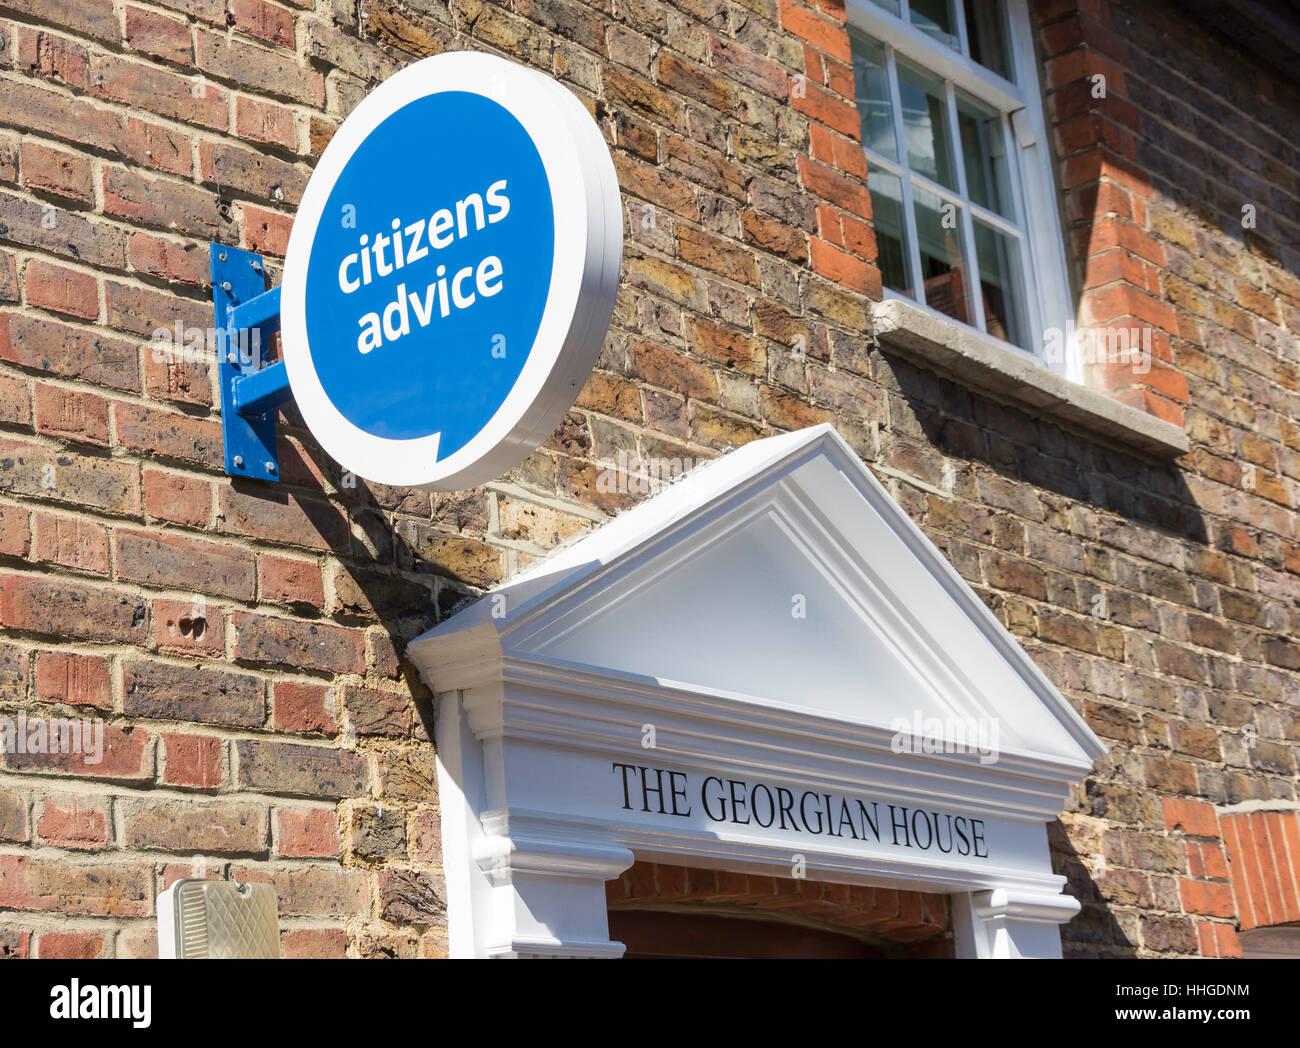 Panneau d'entrée au Bureau de conseil aux citoyens, le Georgian House, Swan Mews, Leatherhead, Surrey, Photo Stock